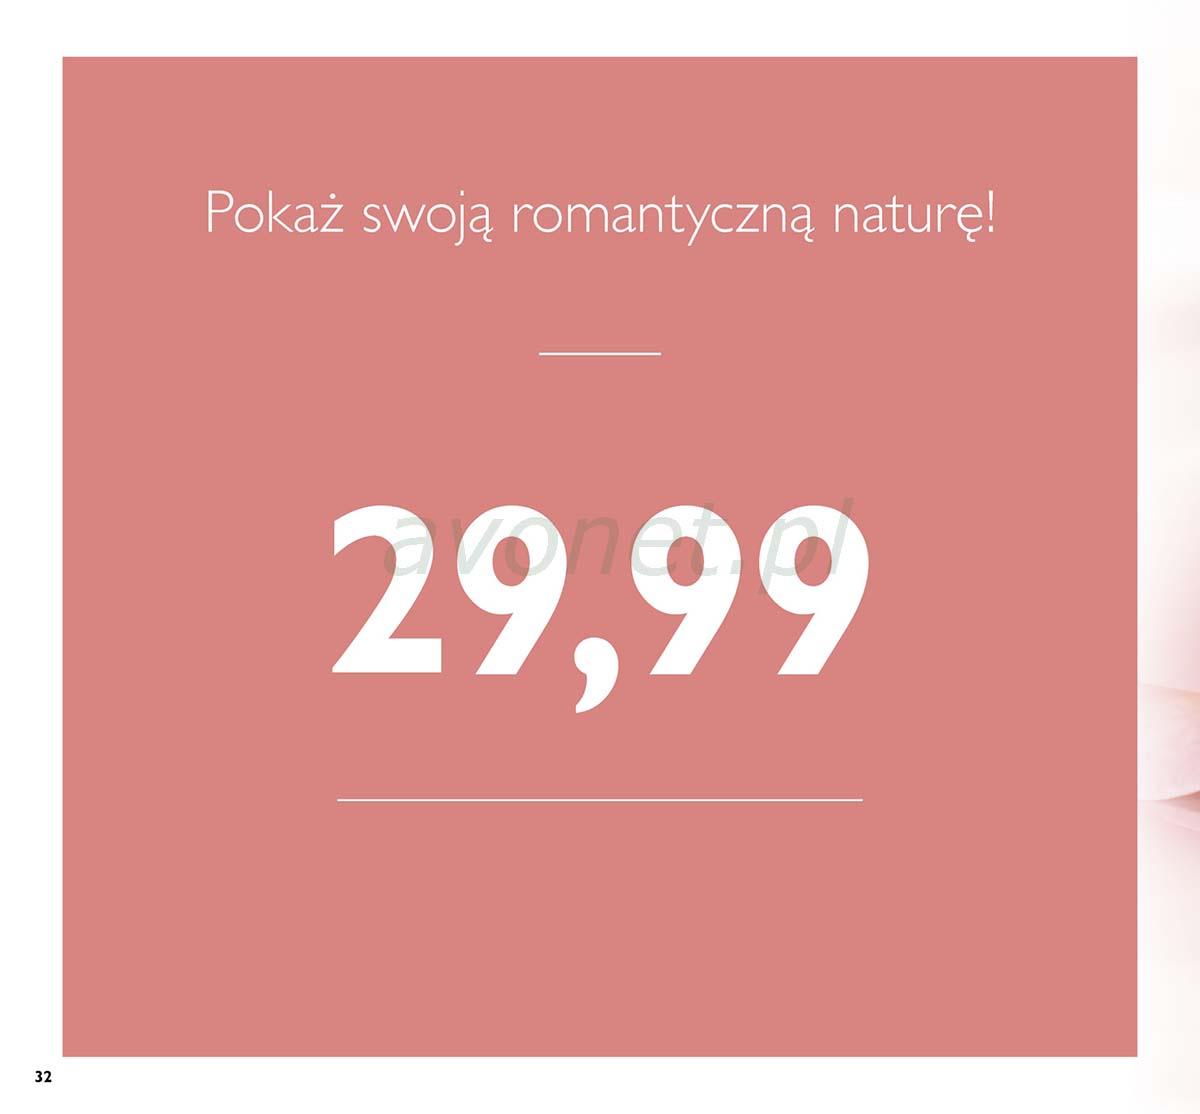 2018012-032-pl-PL